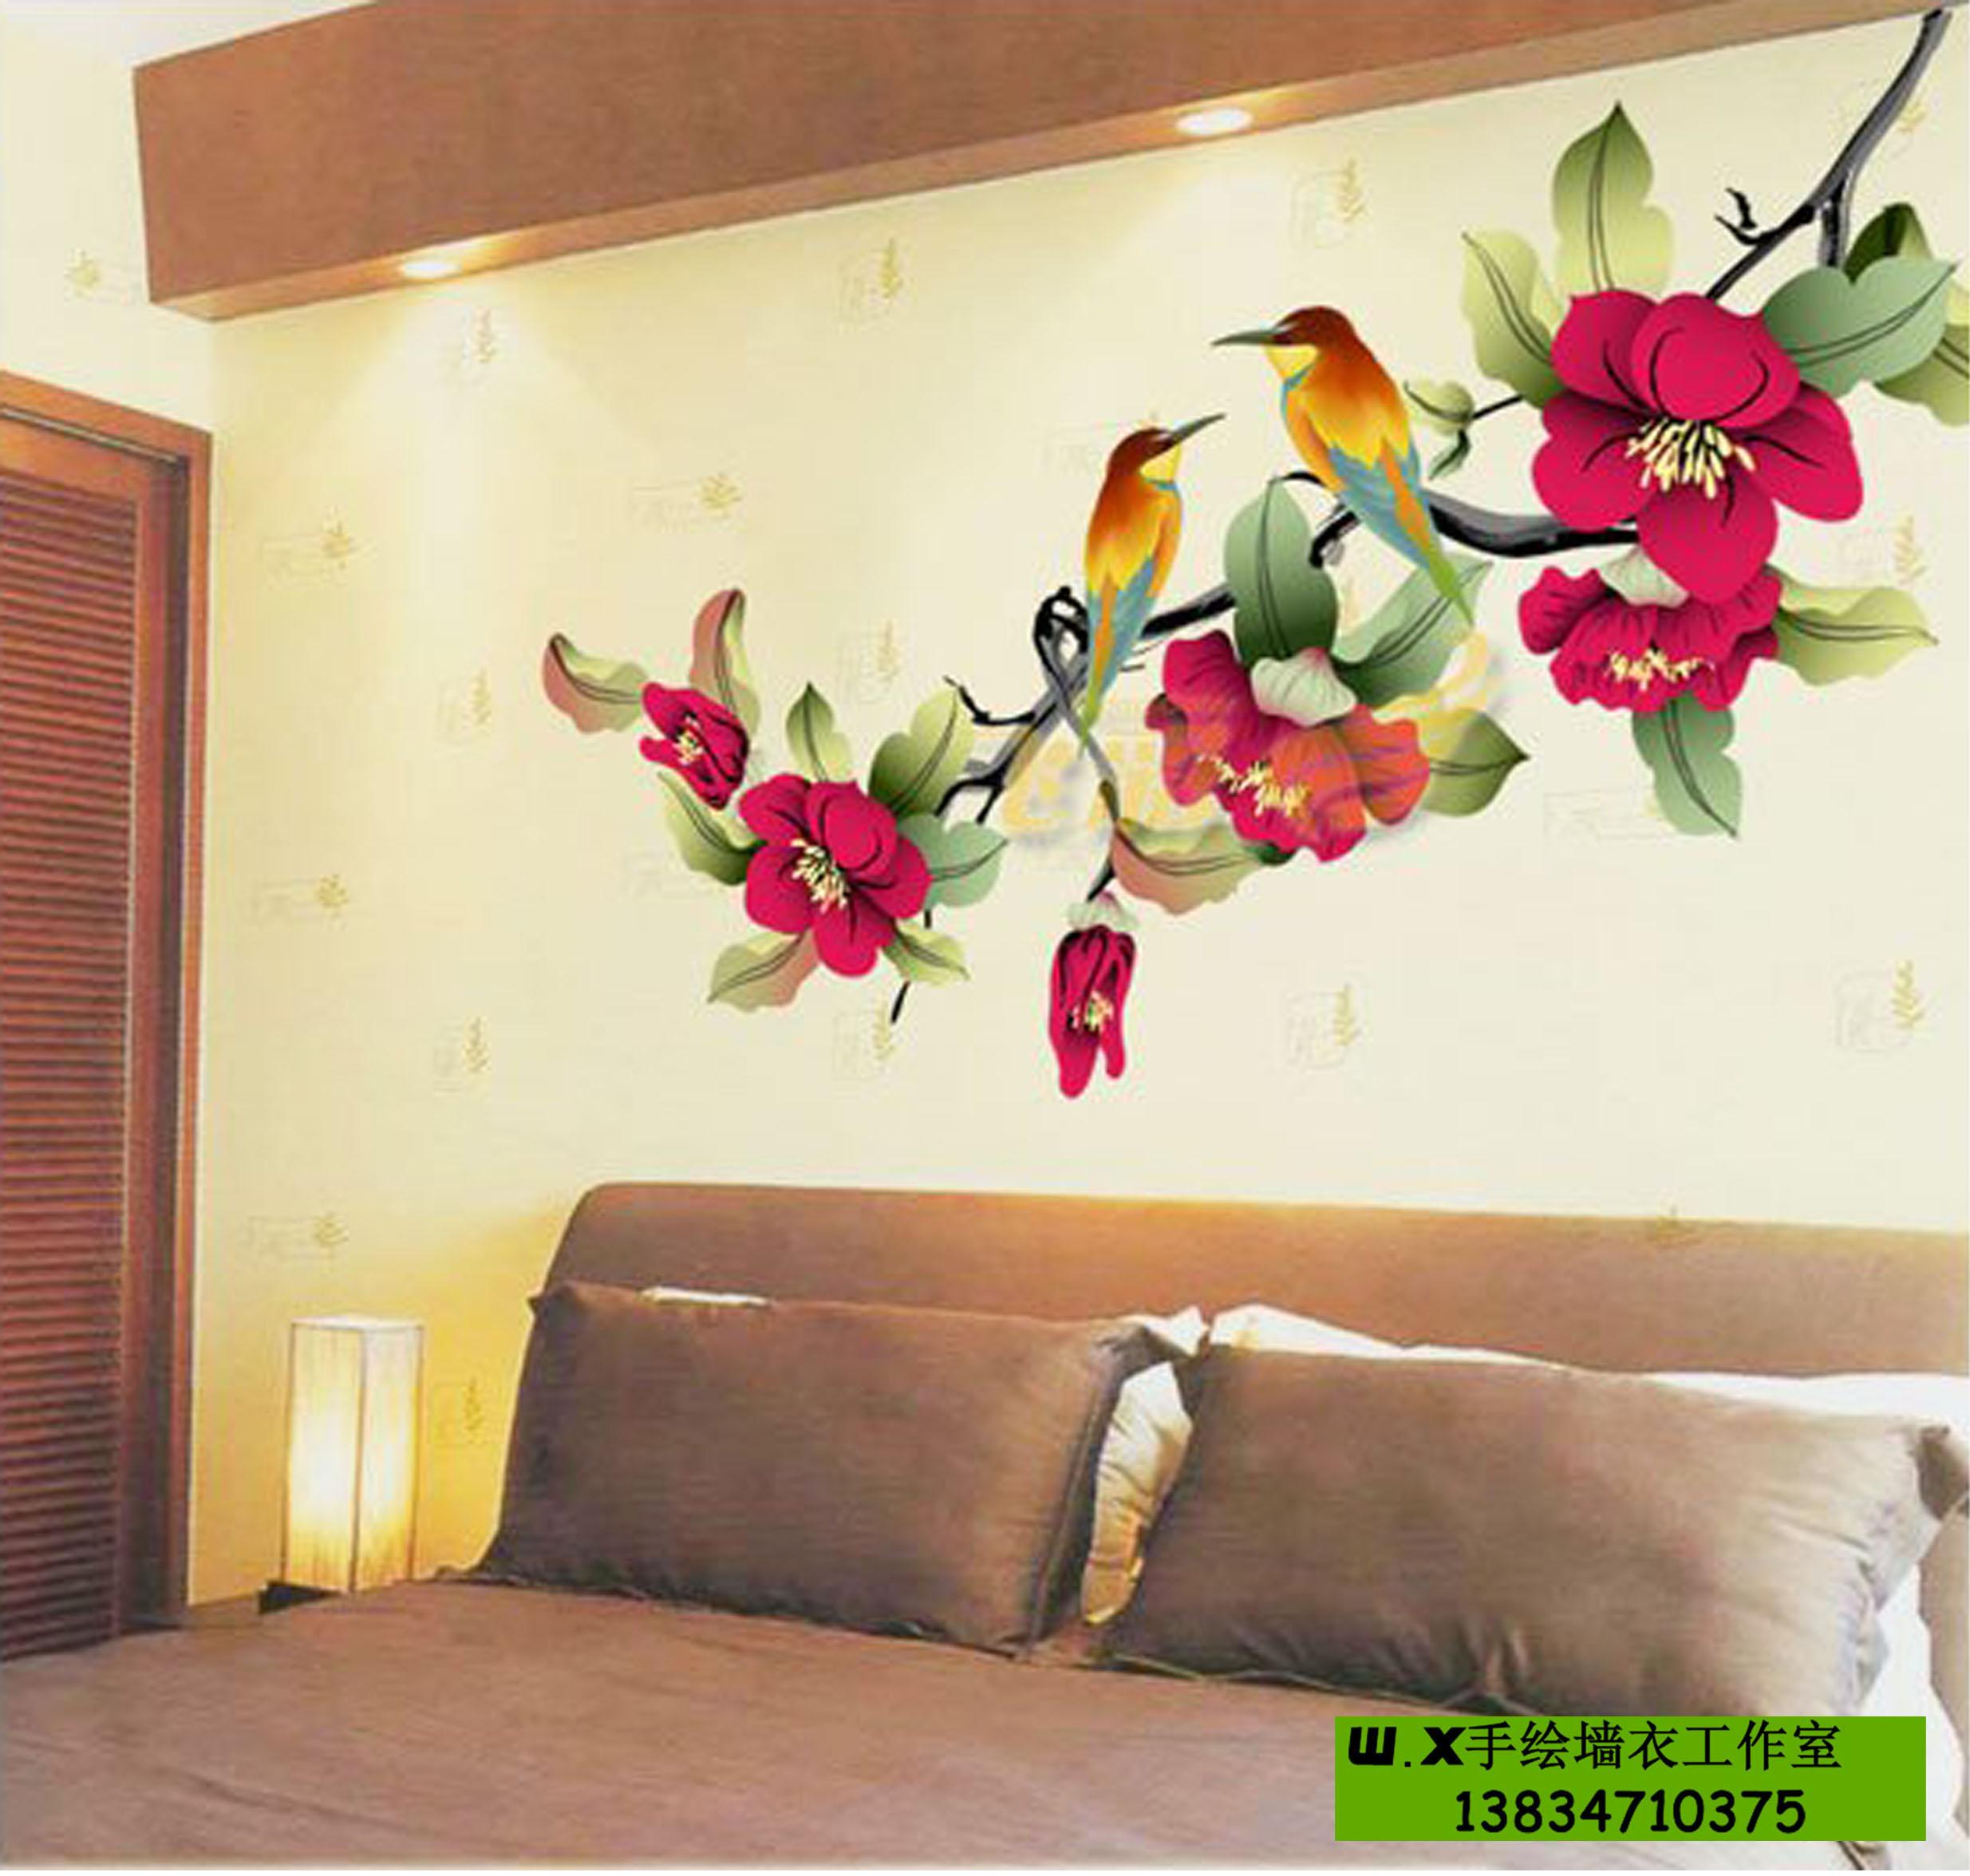 墙衣,天鹅绒墙衣多少钱一包,天鹅绒墙衣官网,天鹅绒墙衣效果高清图片